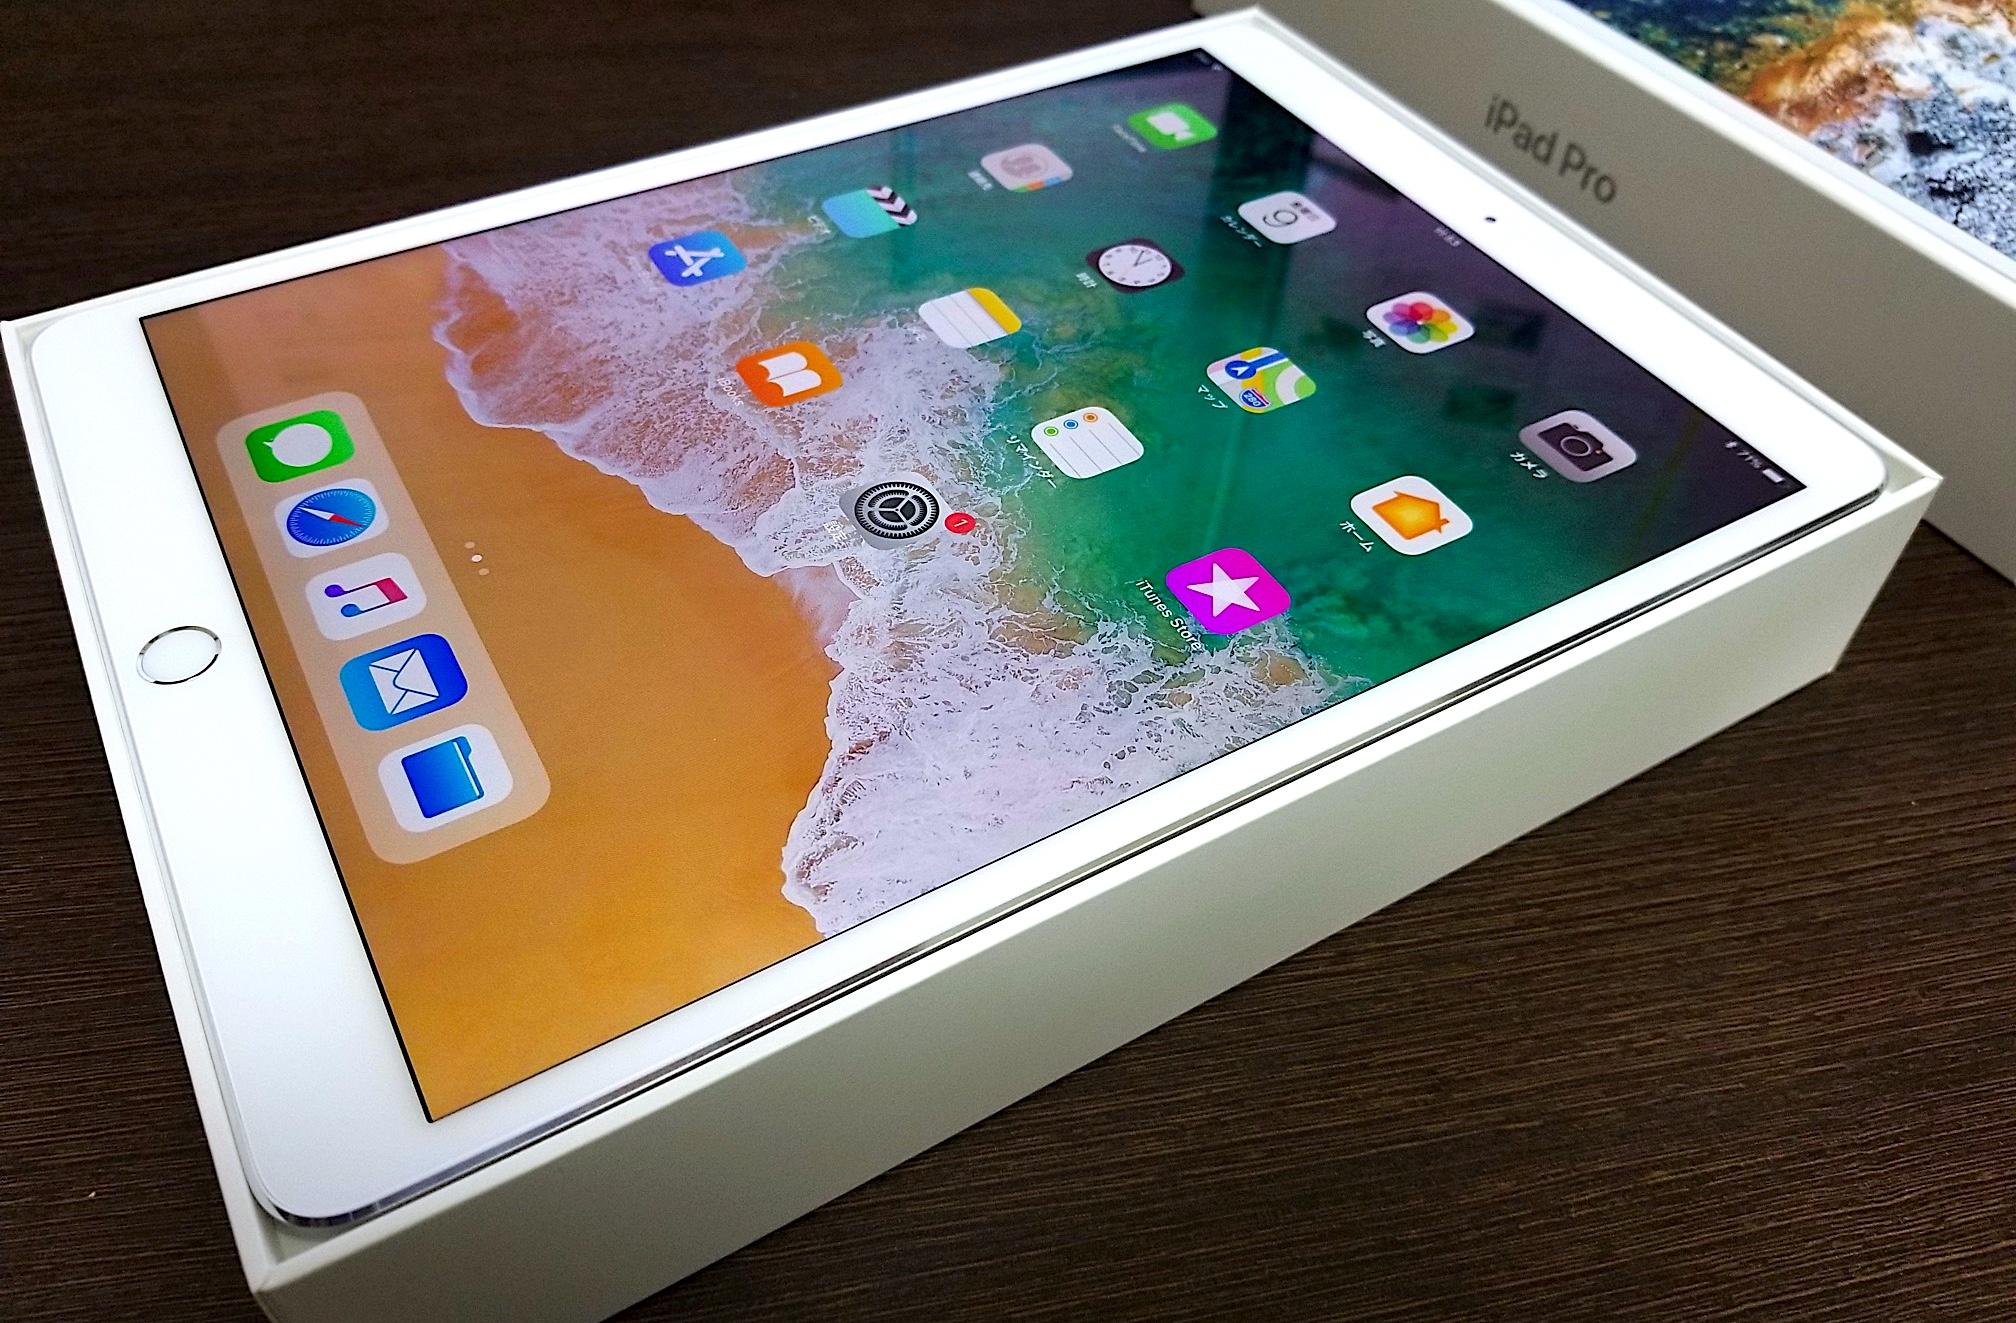 10.5インチiPad Pro買いました。最後まで第5世代iPadと迷った…